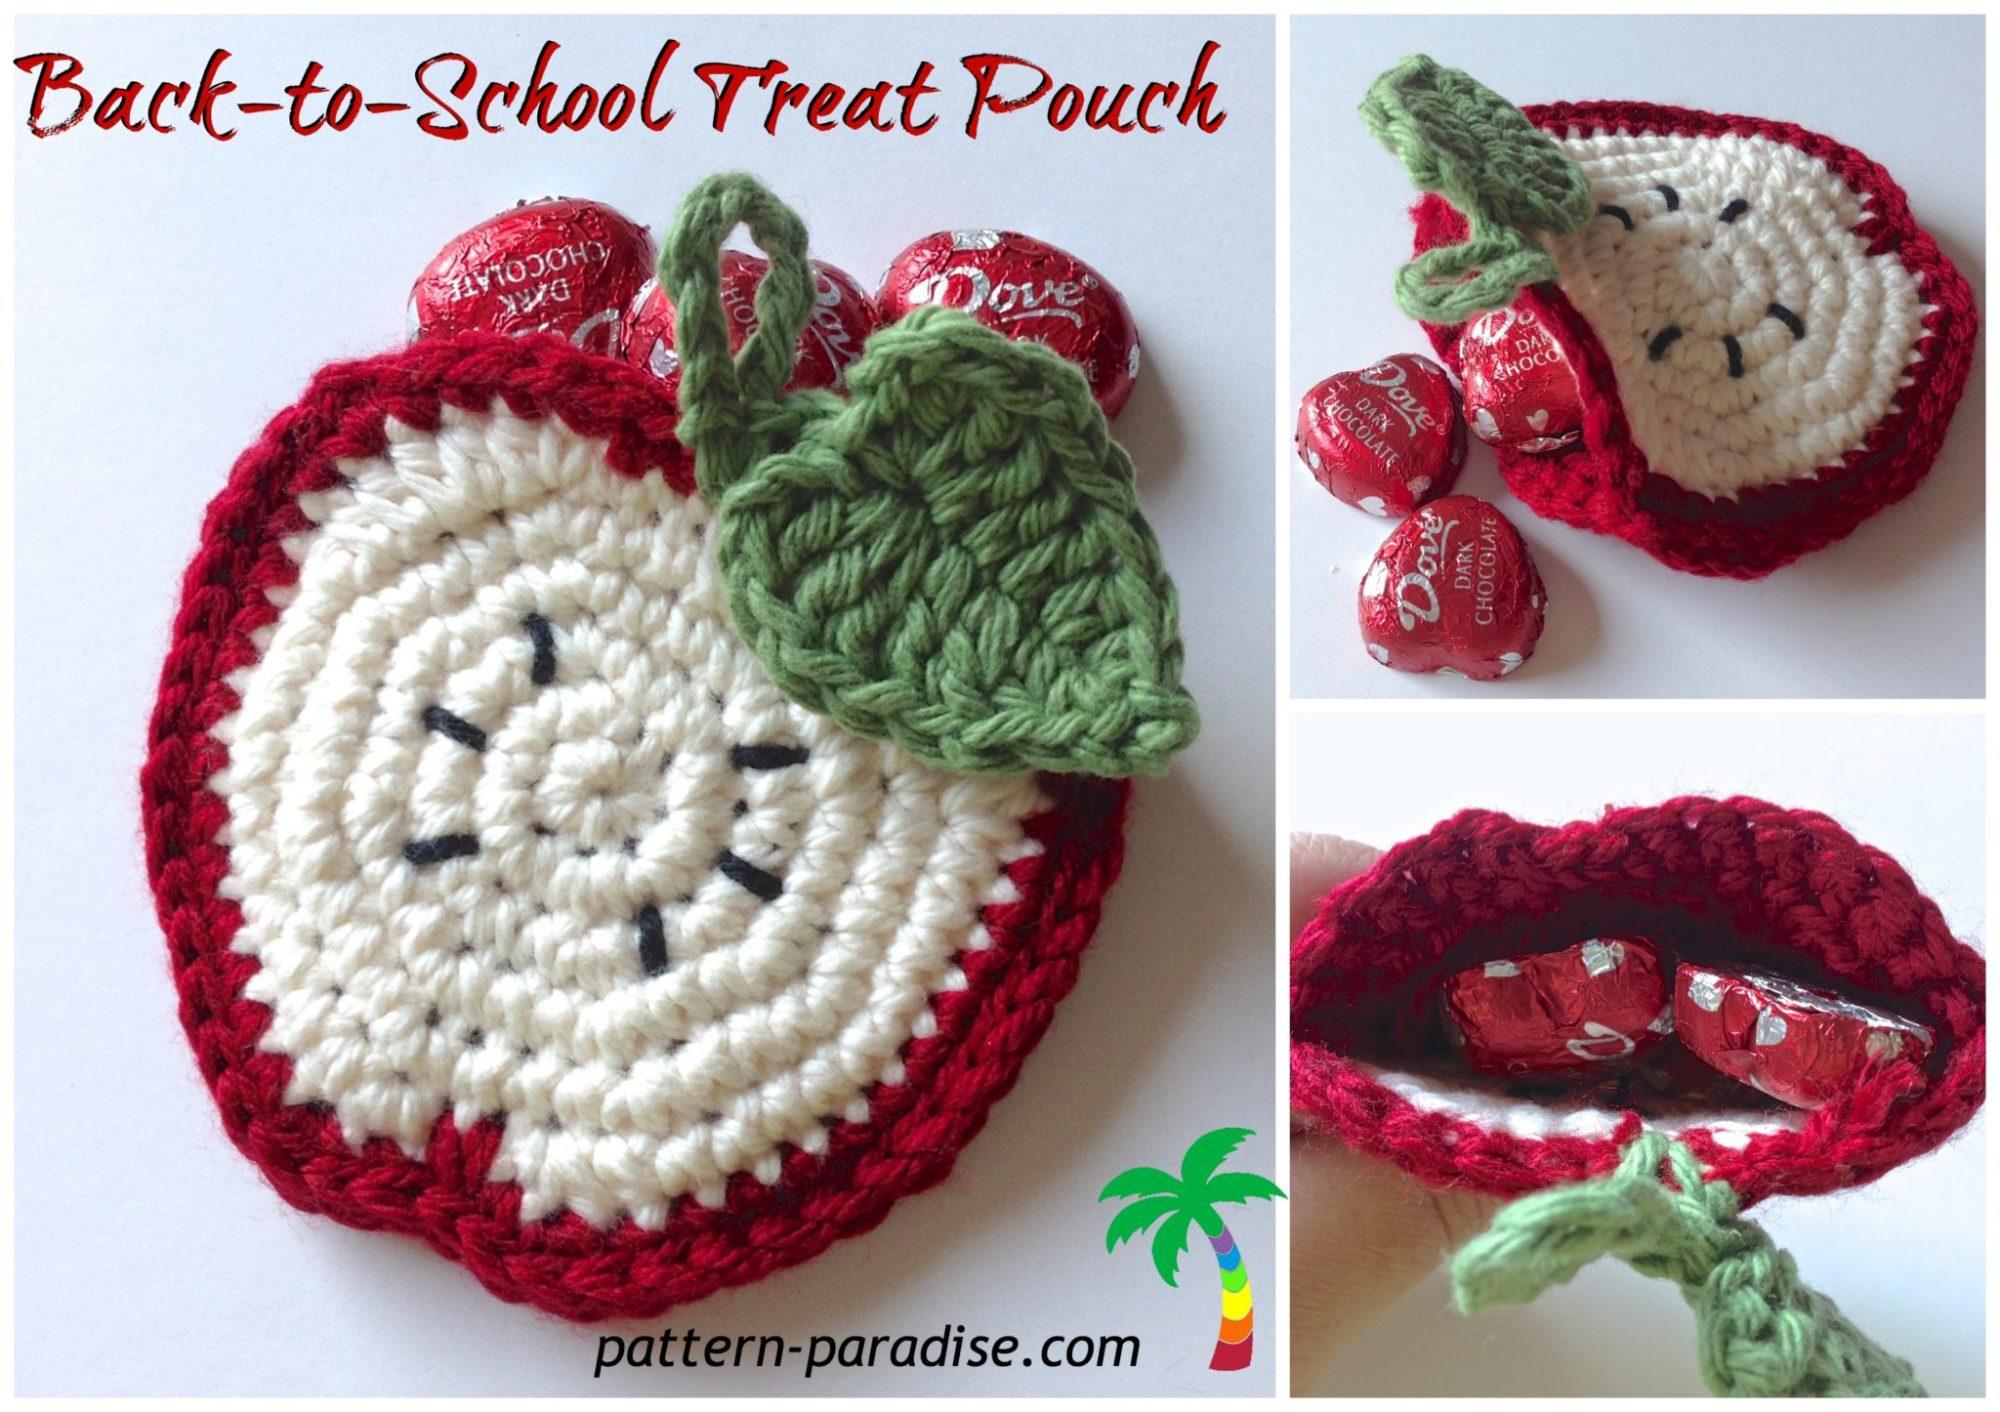 FREE Crochet Pattern - Back-to-School Teacher\'s Treat   Pattern Paradise